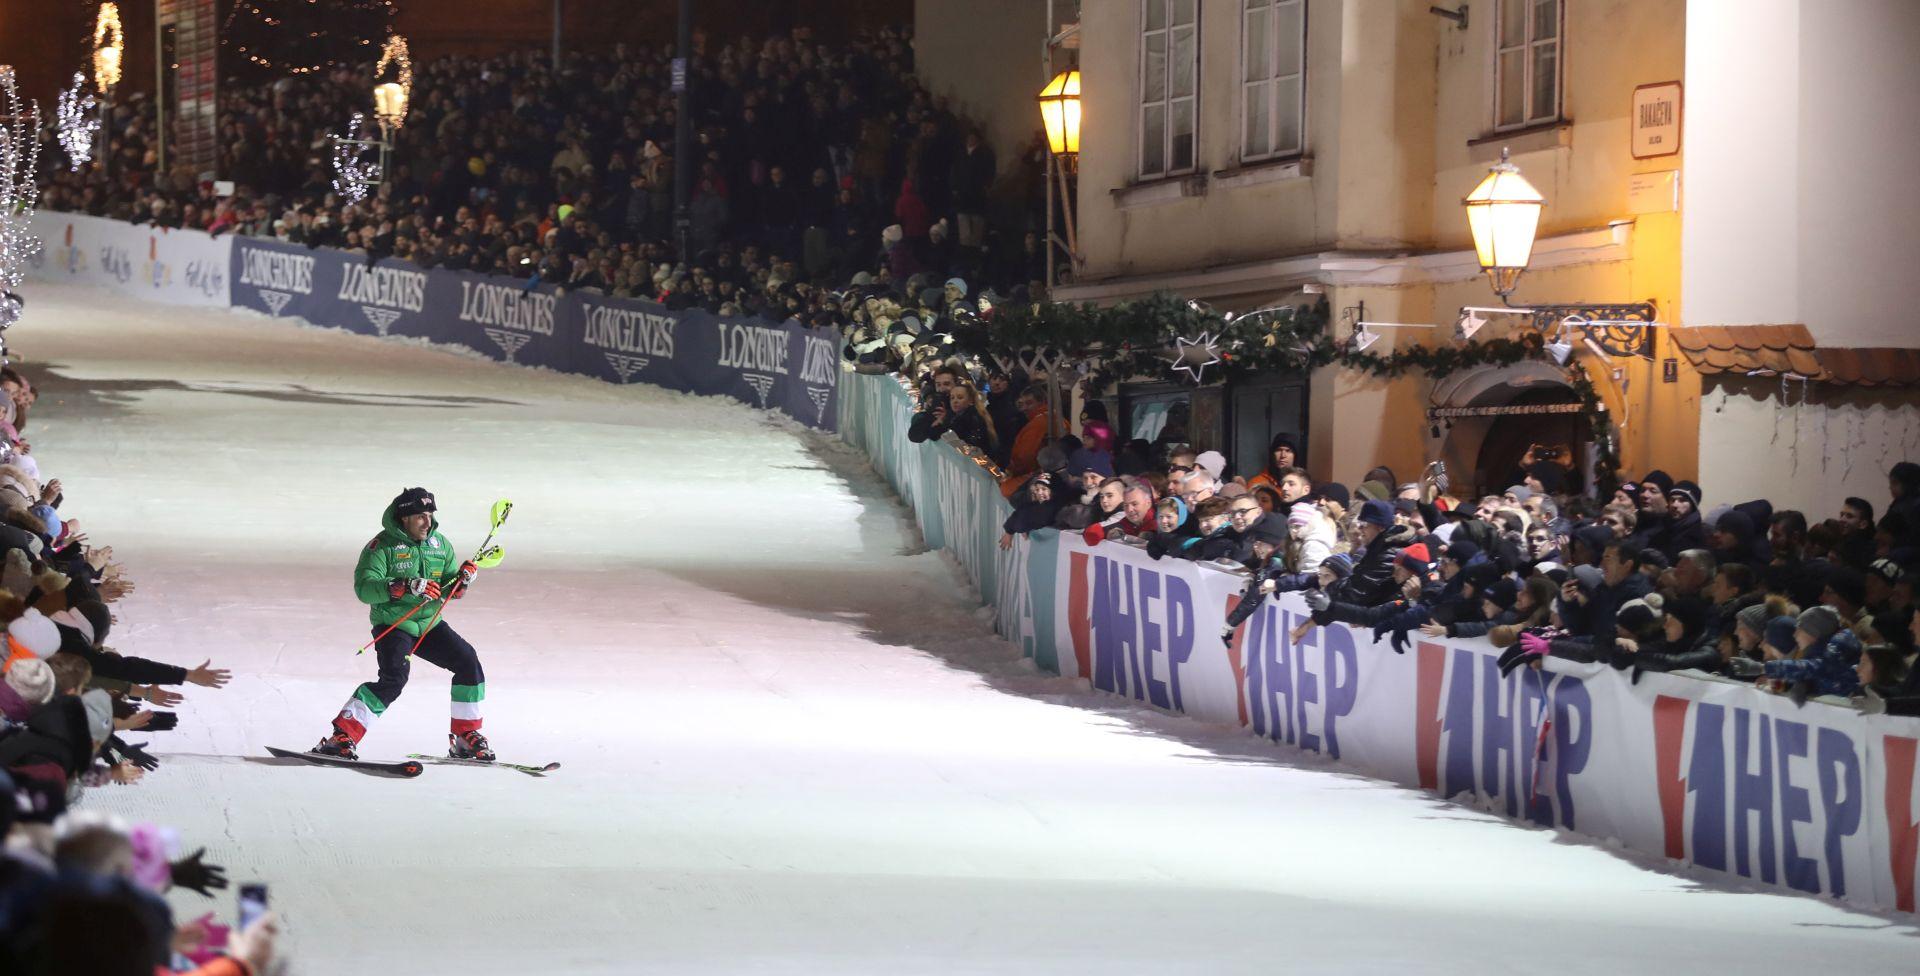 UŽIVO: REVIJALNA UTRKA Legende skijaju u centru Zagreba